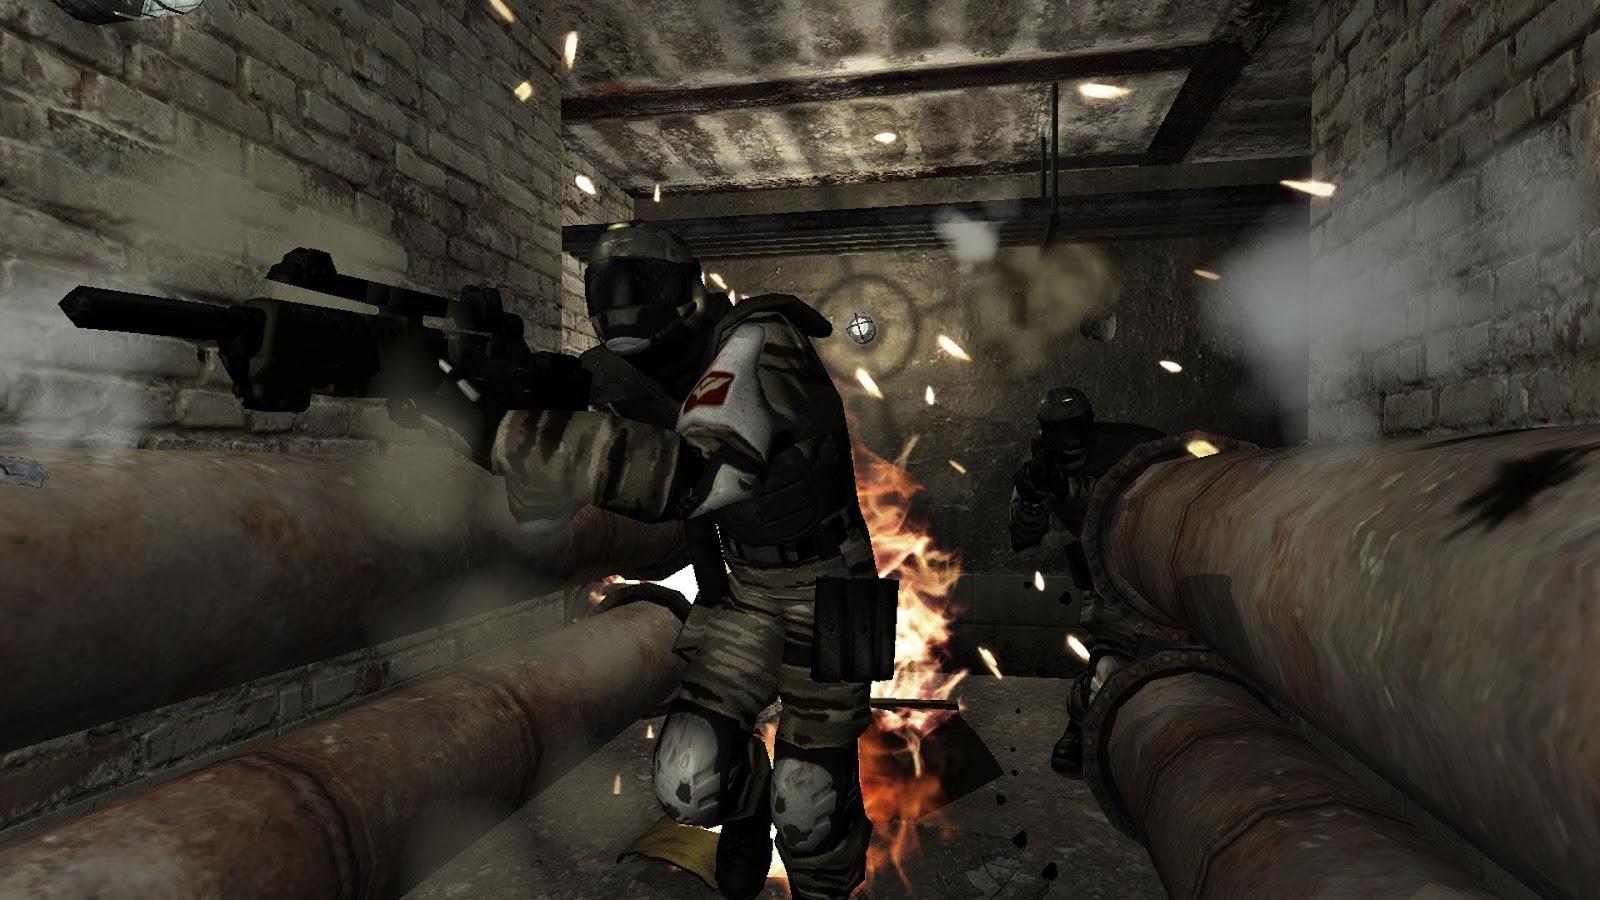 First Encounter Assault Recon (FEAR)